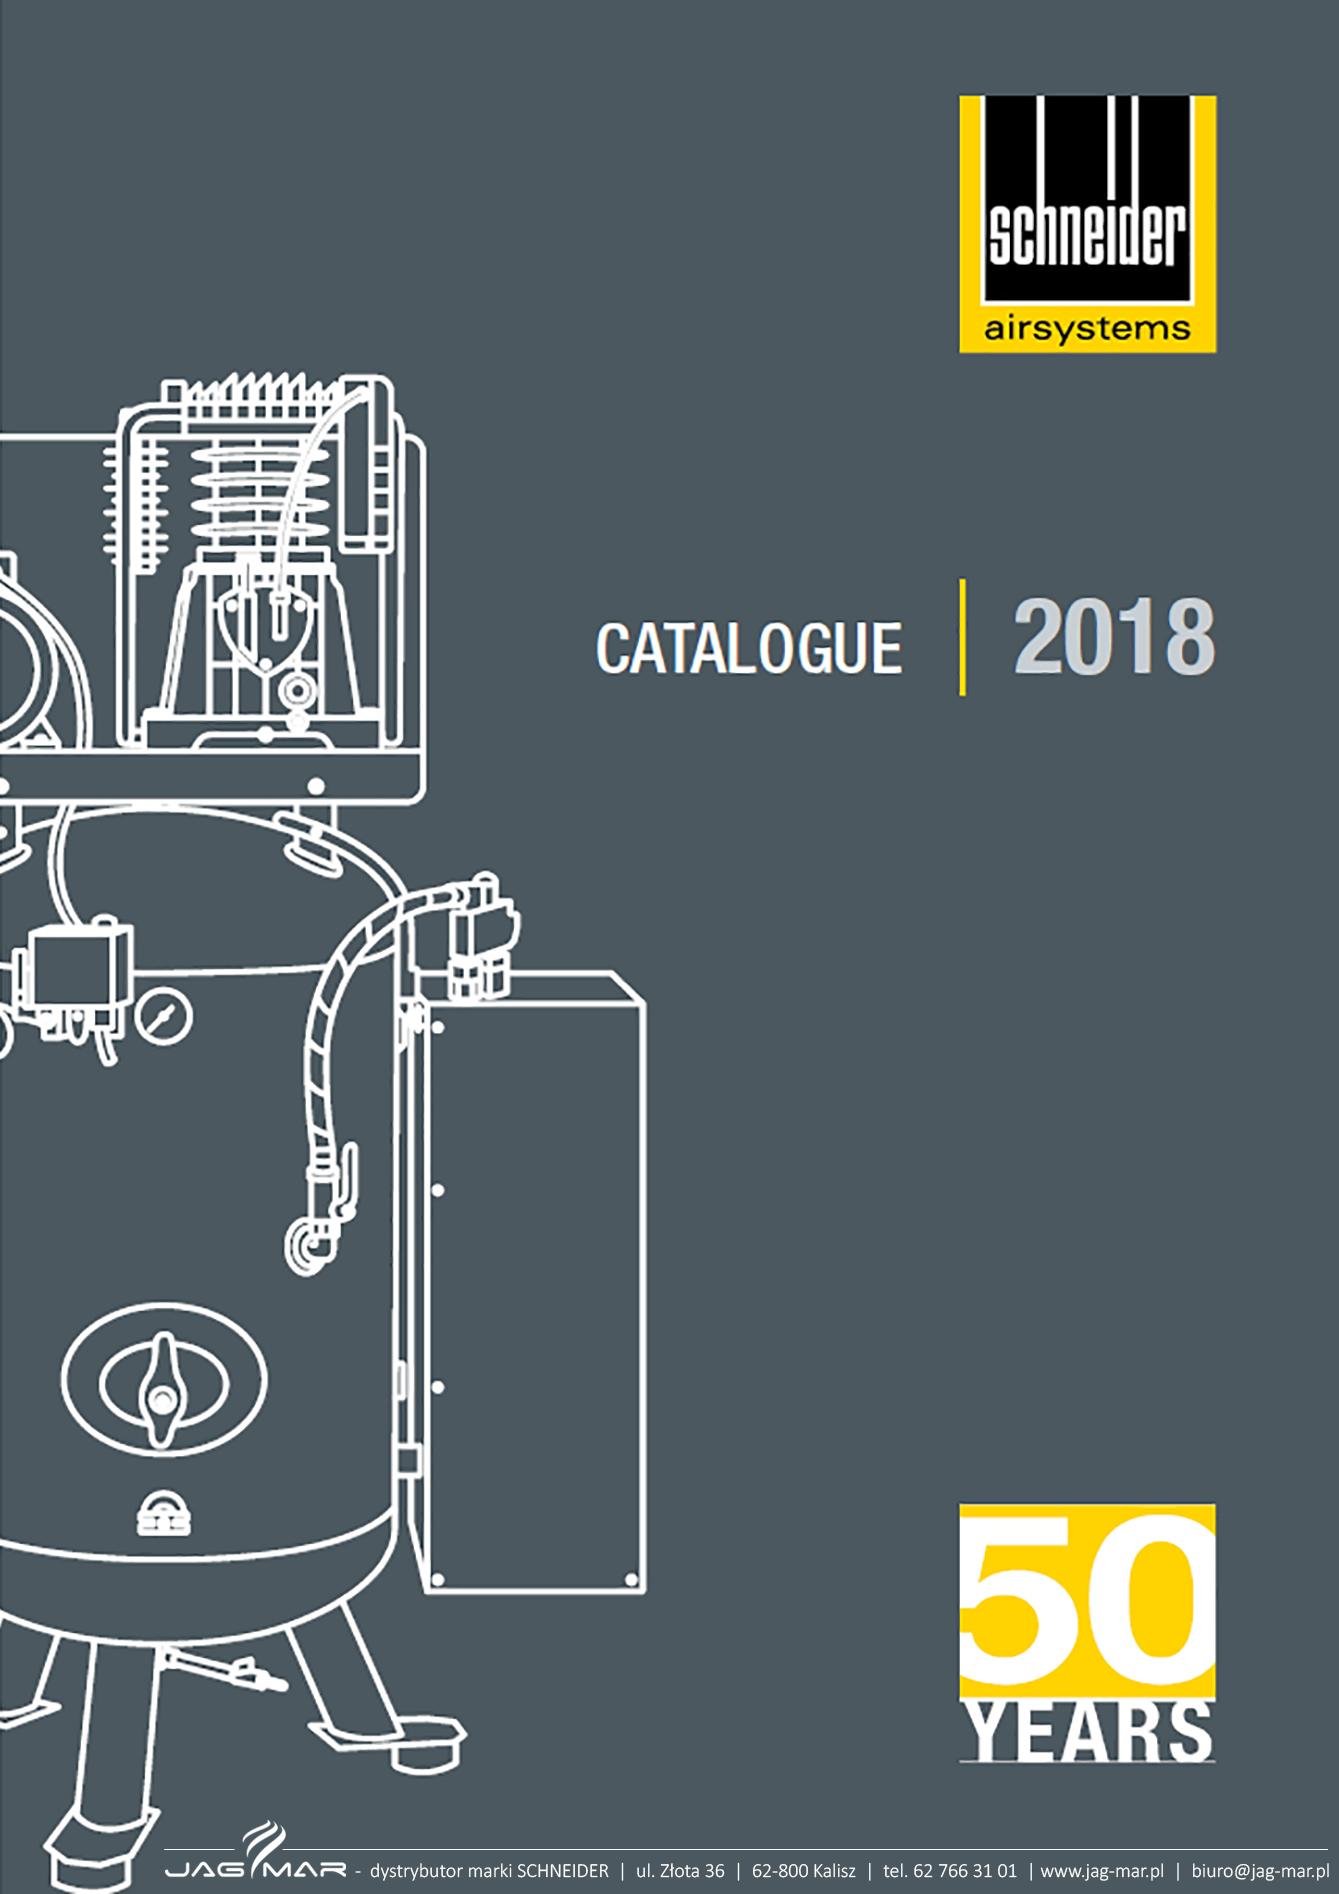 Katalog kompresory SCHNEIDER